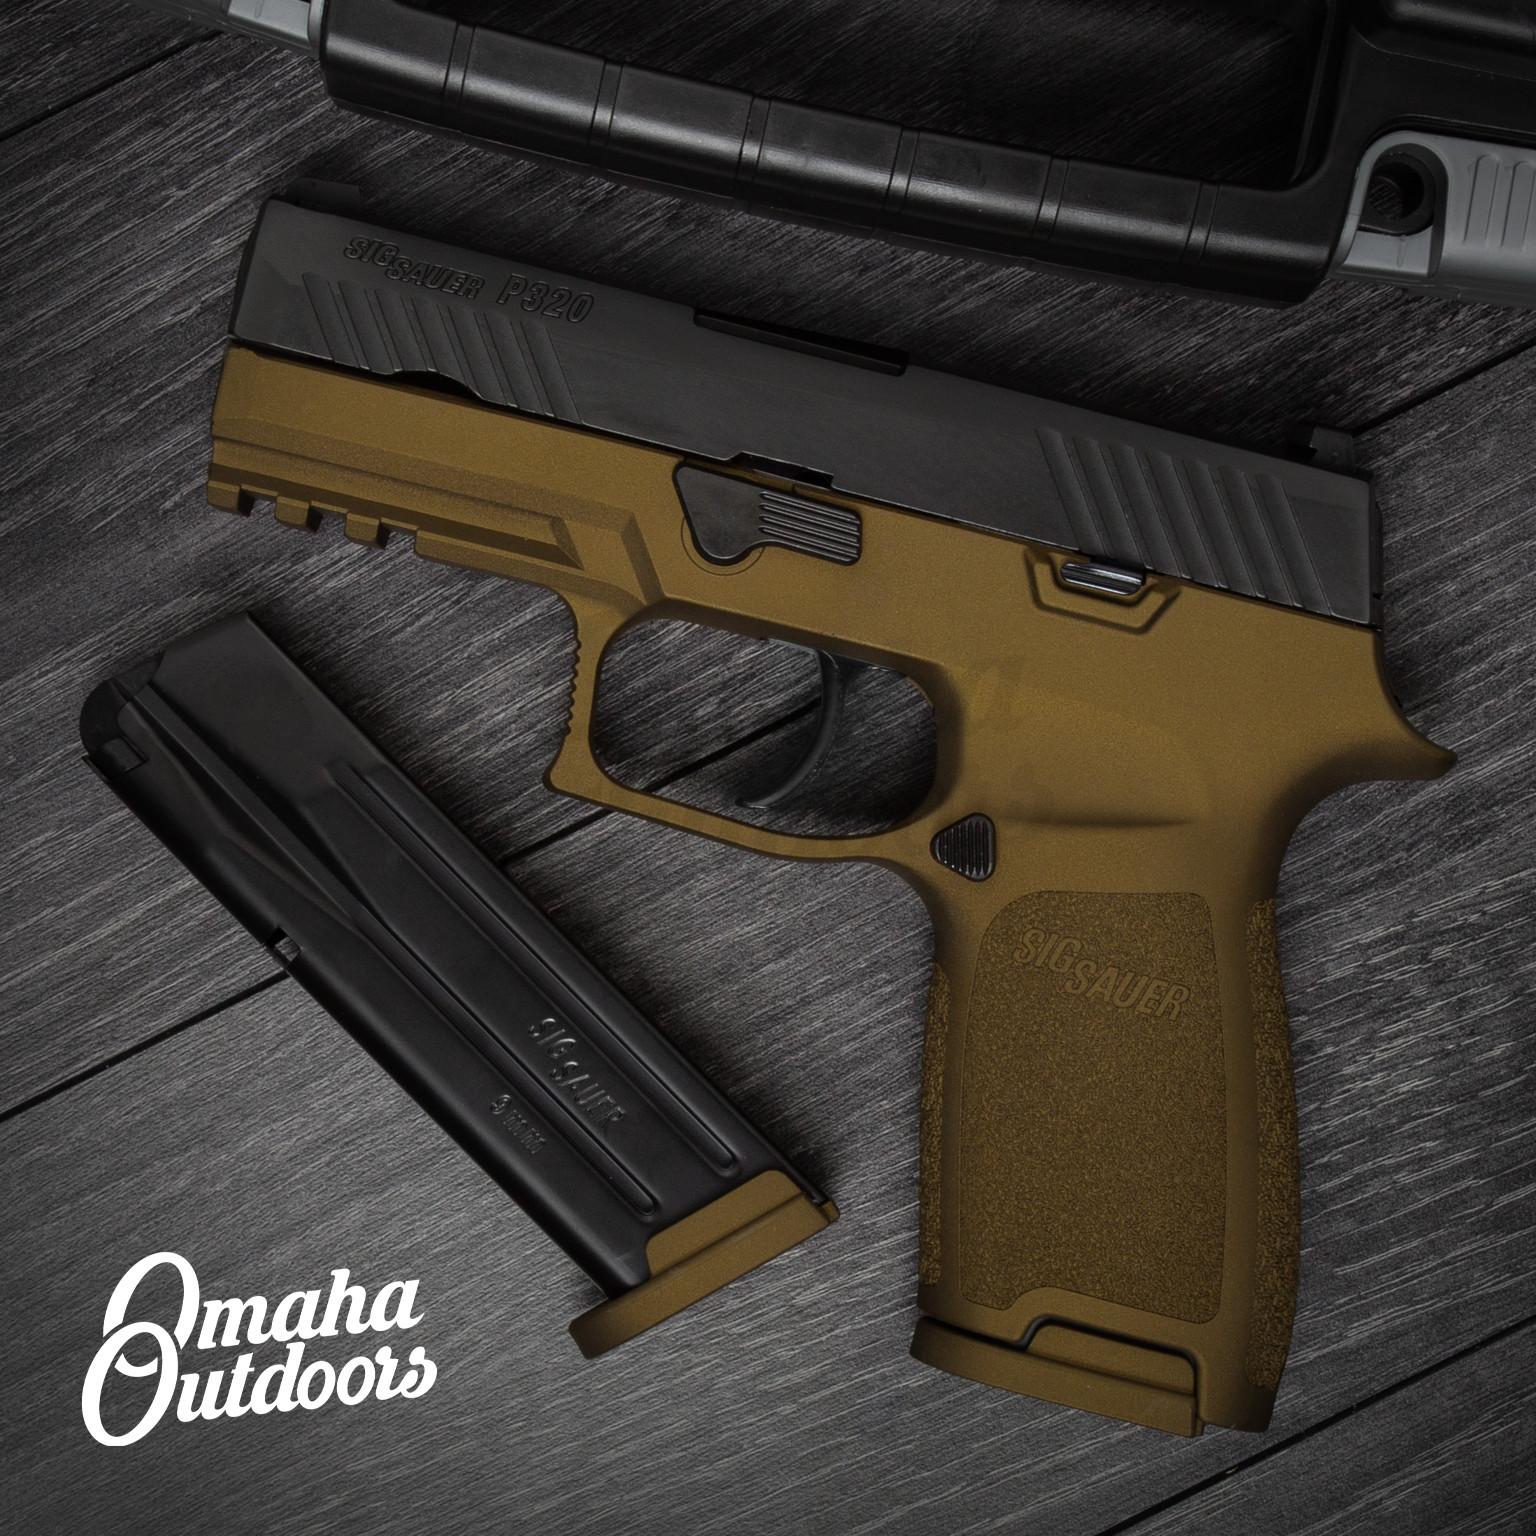 Sig Sauer P320 Carry Burnt Bronze Pistol 9mm 17 RD Night Sights  320CA-9-BSS-BBZ-FR